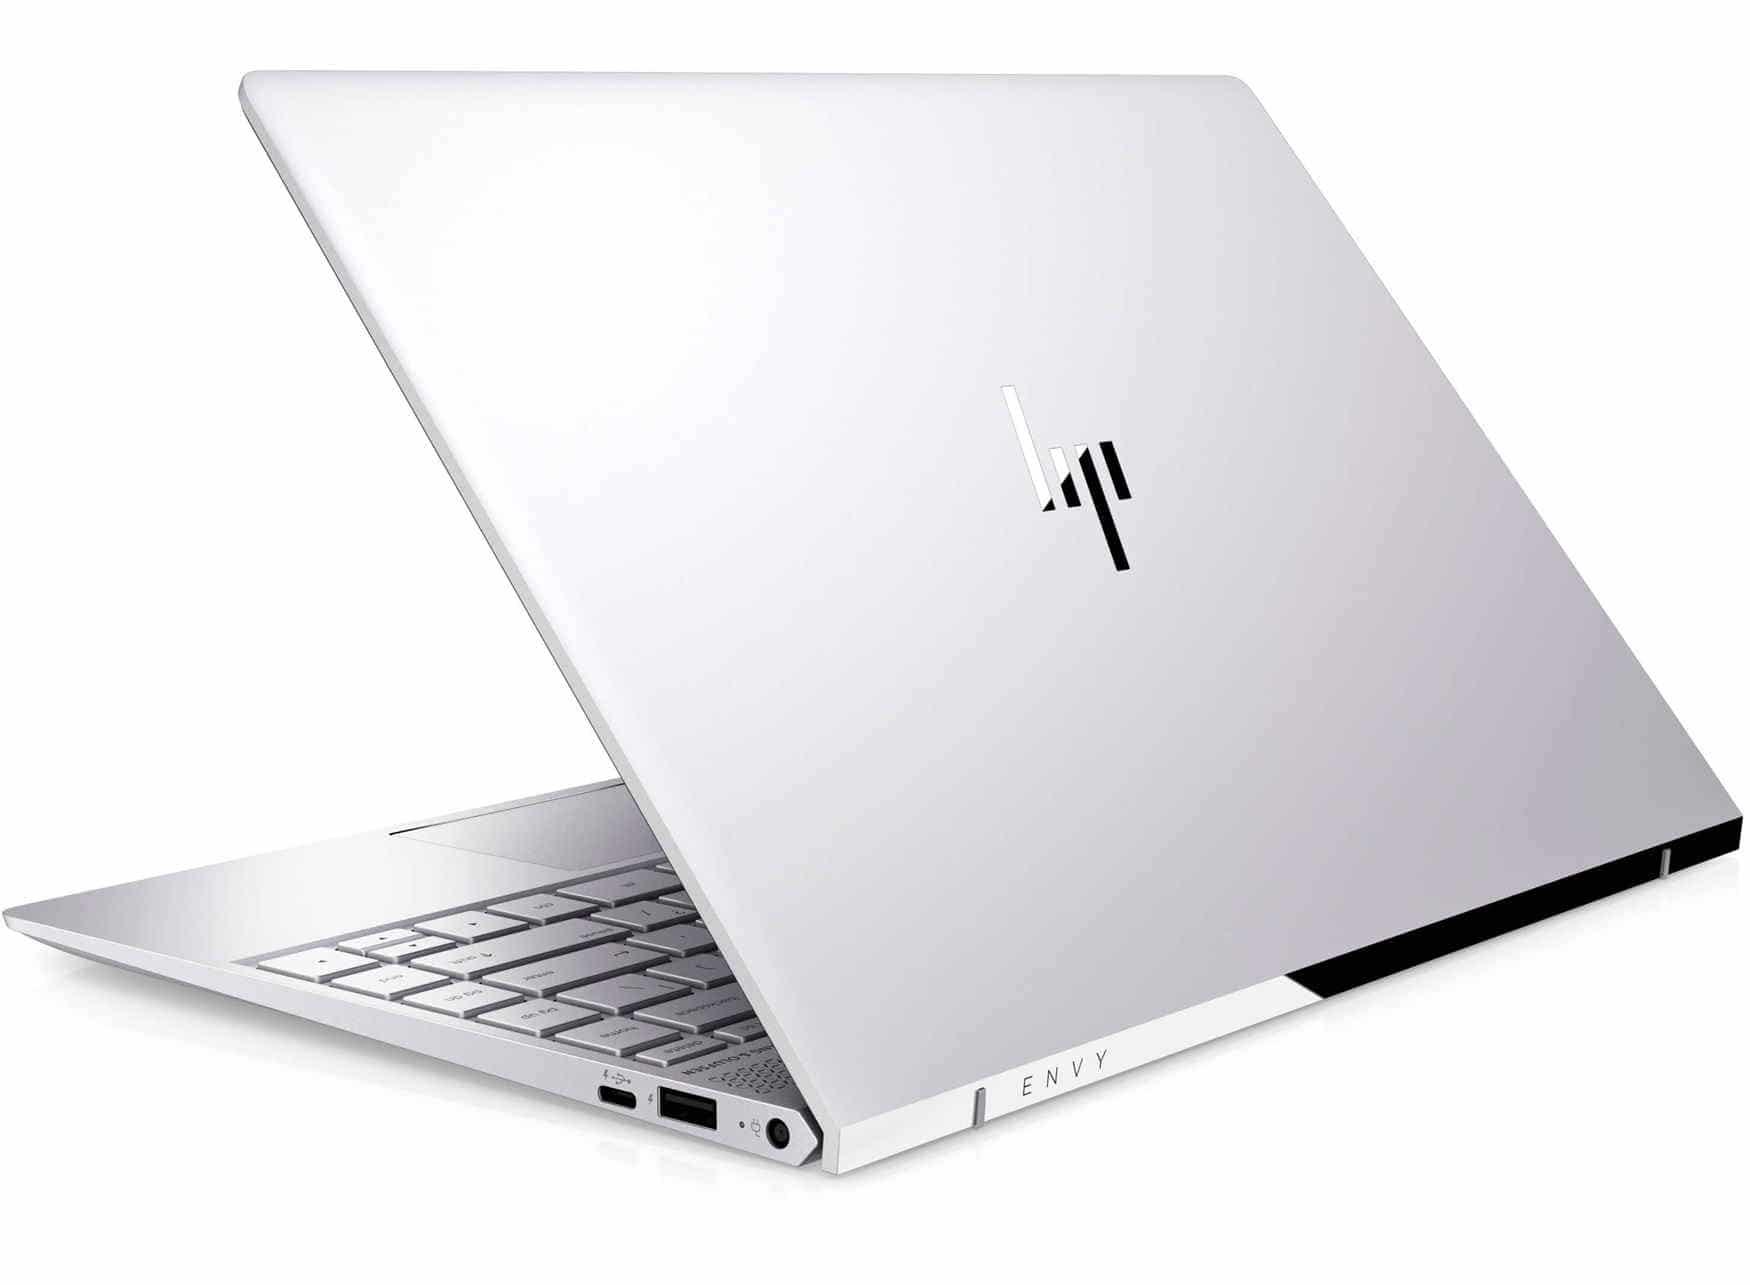 HP Envy 13-ad002nf, ultrabook 13 pouces bonne autonomie (535€)